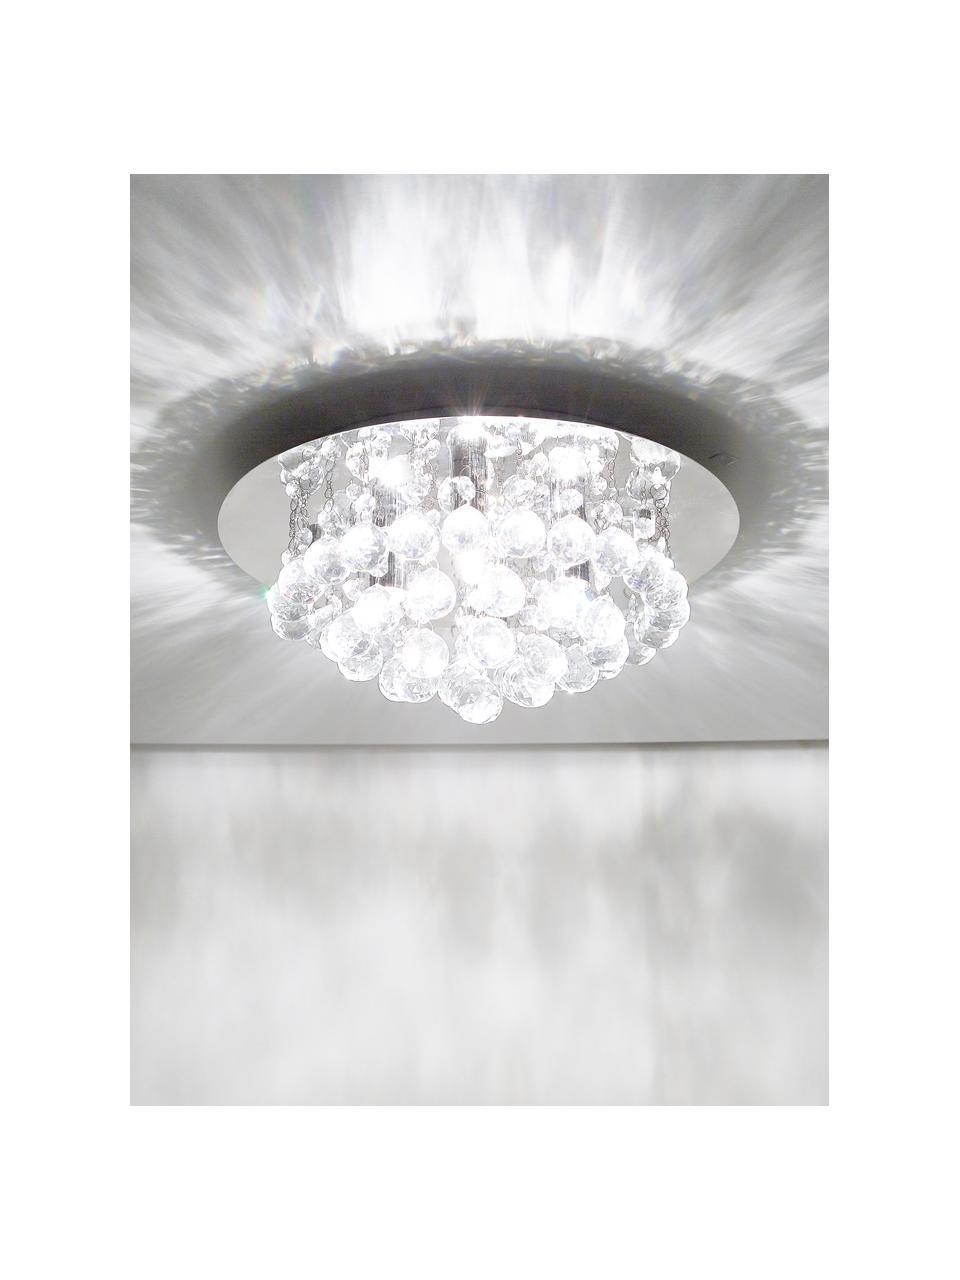 Lampada con cristalli in vetro Hanna, Baldacchino: metallo cromato, Decorazione: vetro, Argento, Ø 45 x Alt. 20 cm